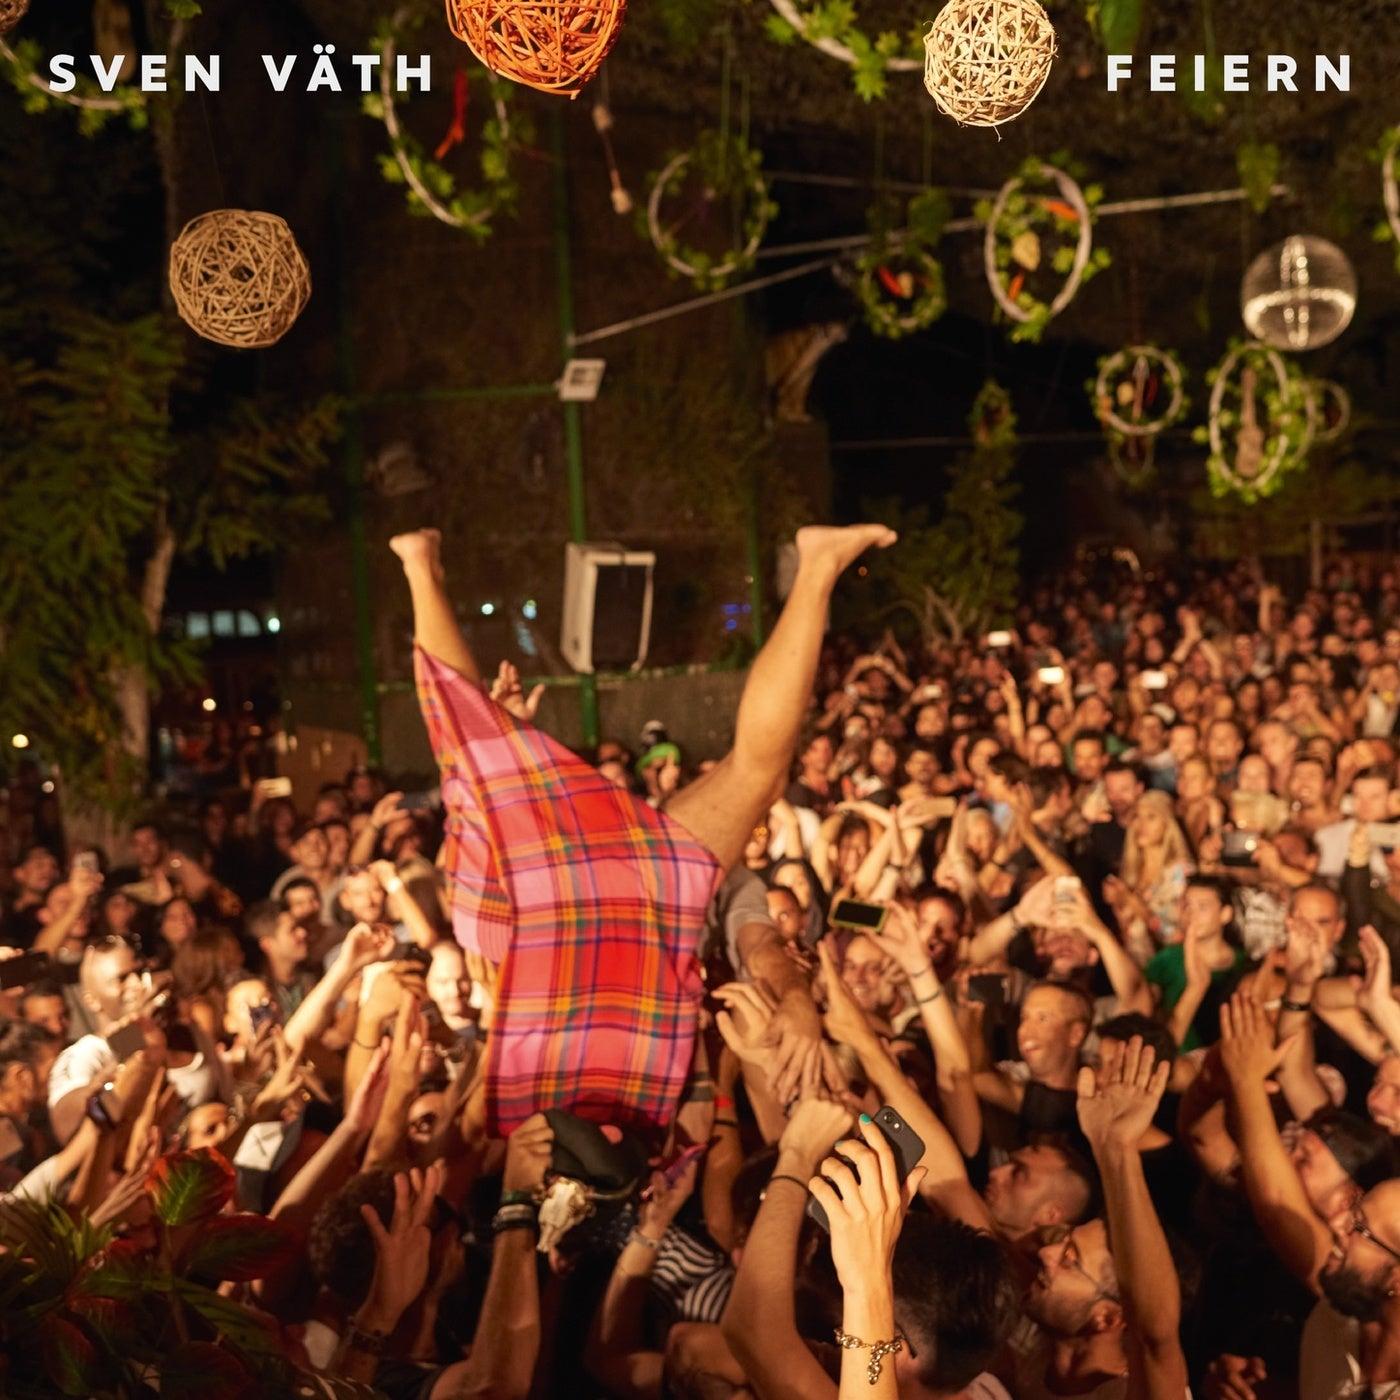 Feiern (Original Mix)